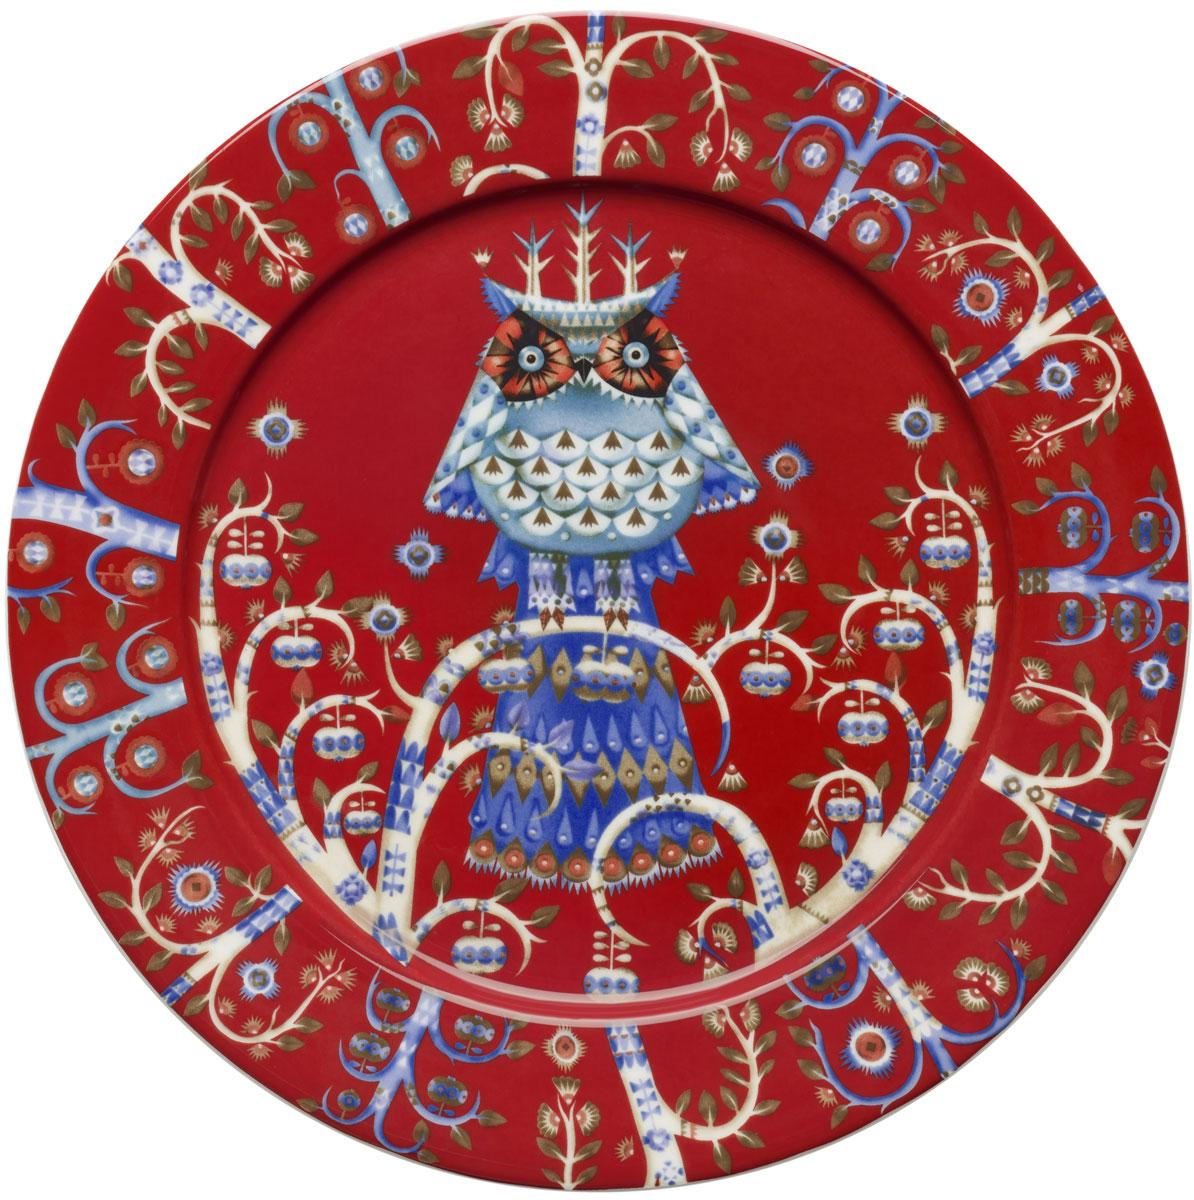 Тарелка Iittala Taika, цвет: красный, диаметр 27 см1013907Тарелка Iittala Taika выполнена из качественного жароустойчивого прочного фарфора с долговечным стекловидным эмалевым покрытием.Идеально подойдет для сервировки стола и станет отличным подарком к любому празднику.